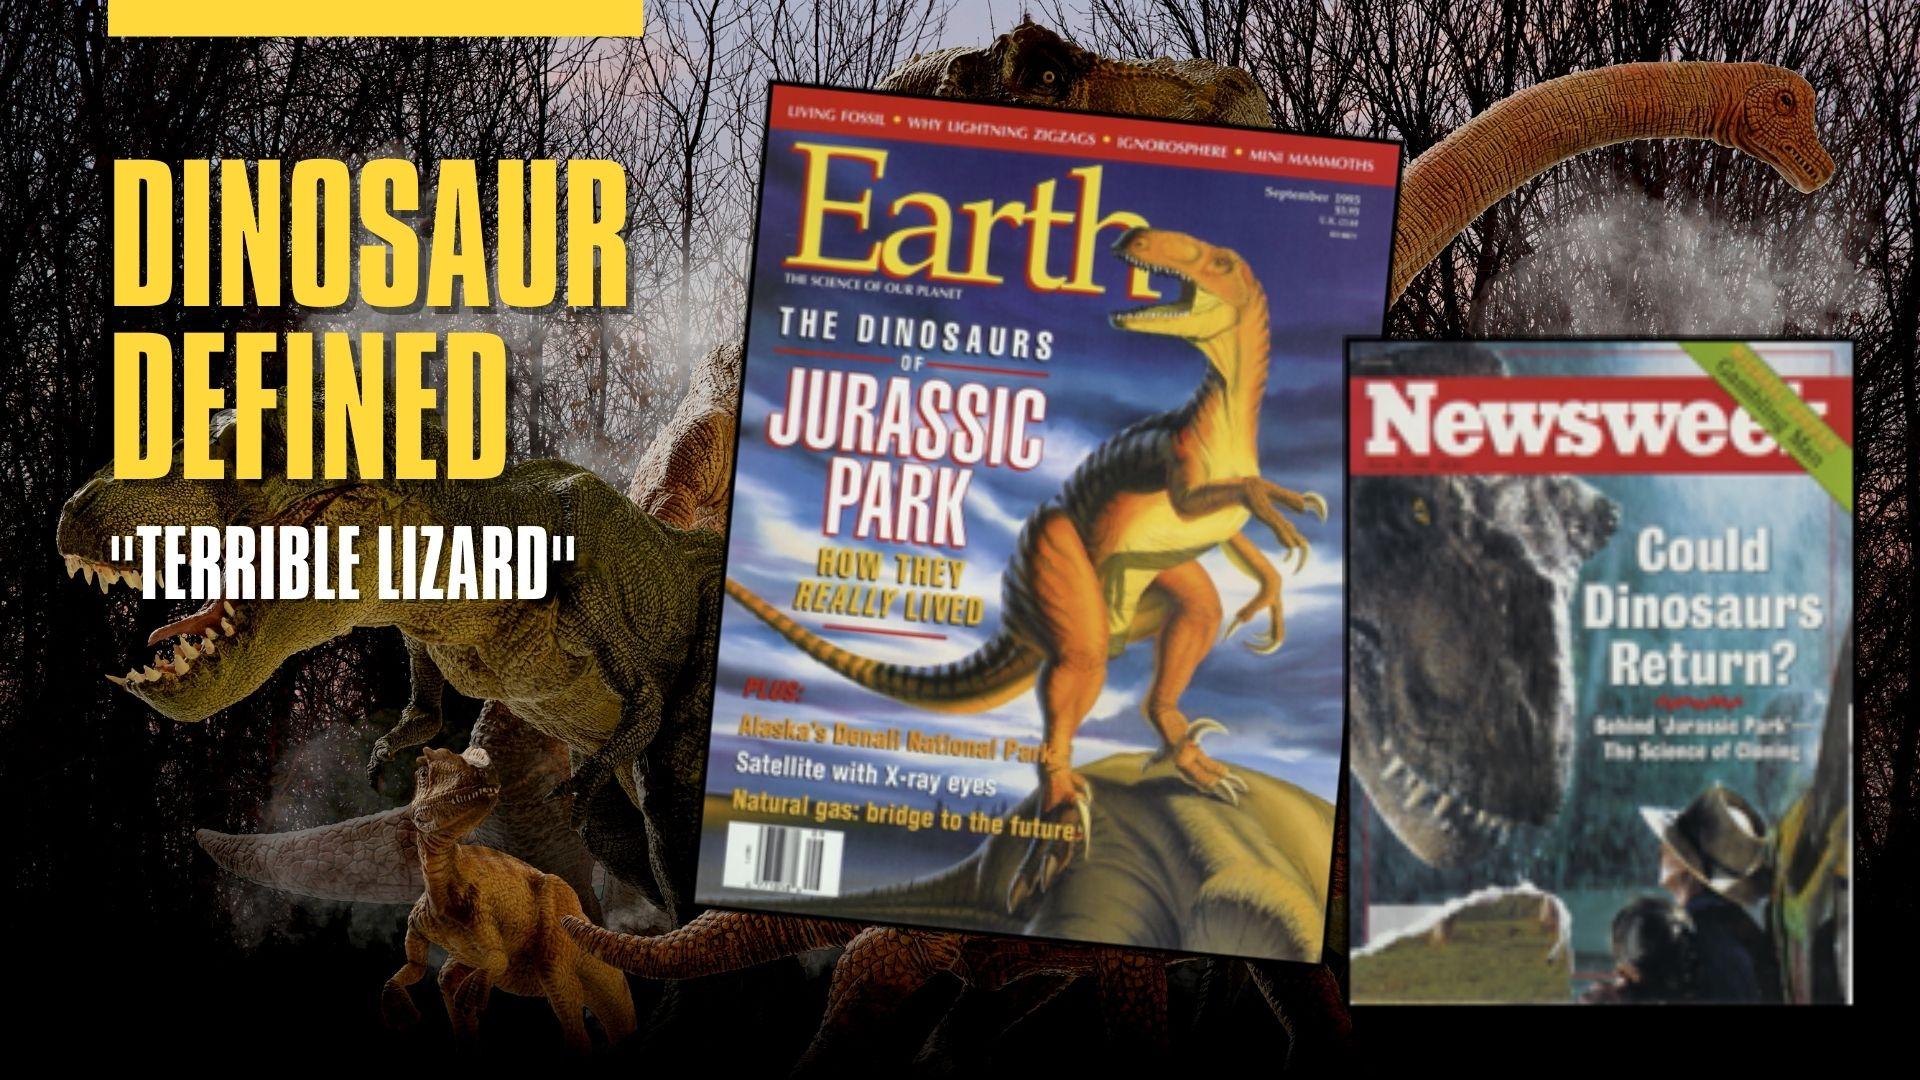 Dinosaur Defined